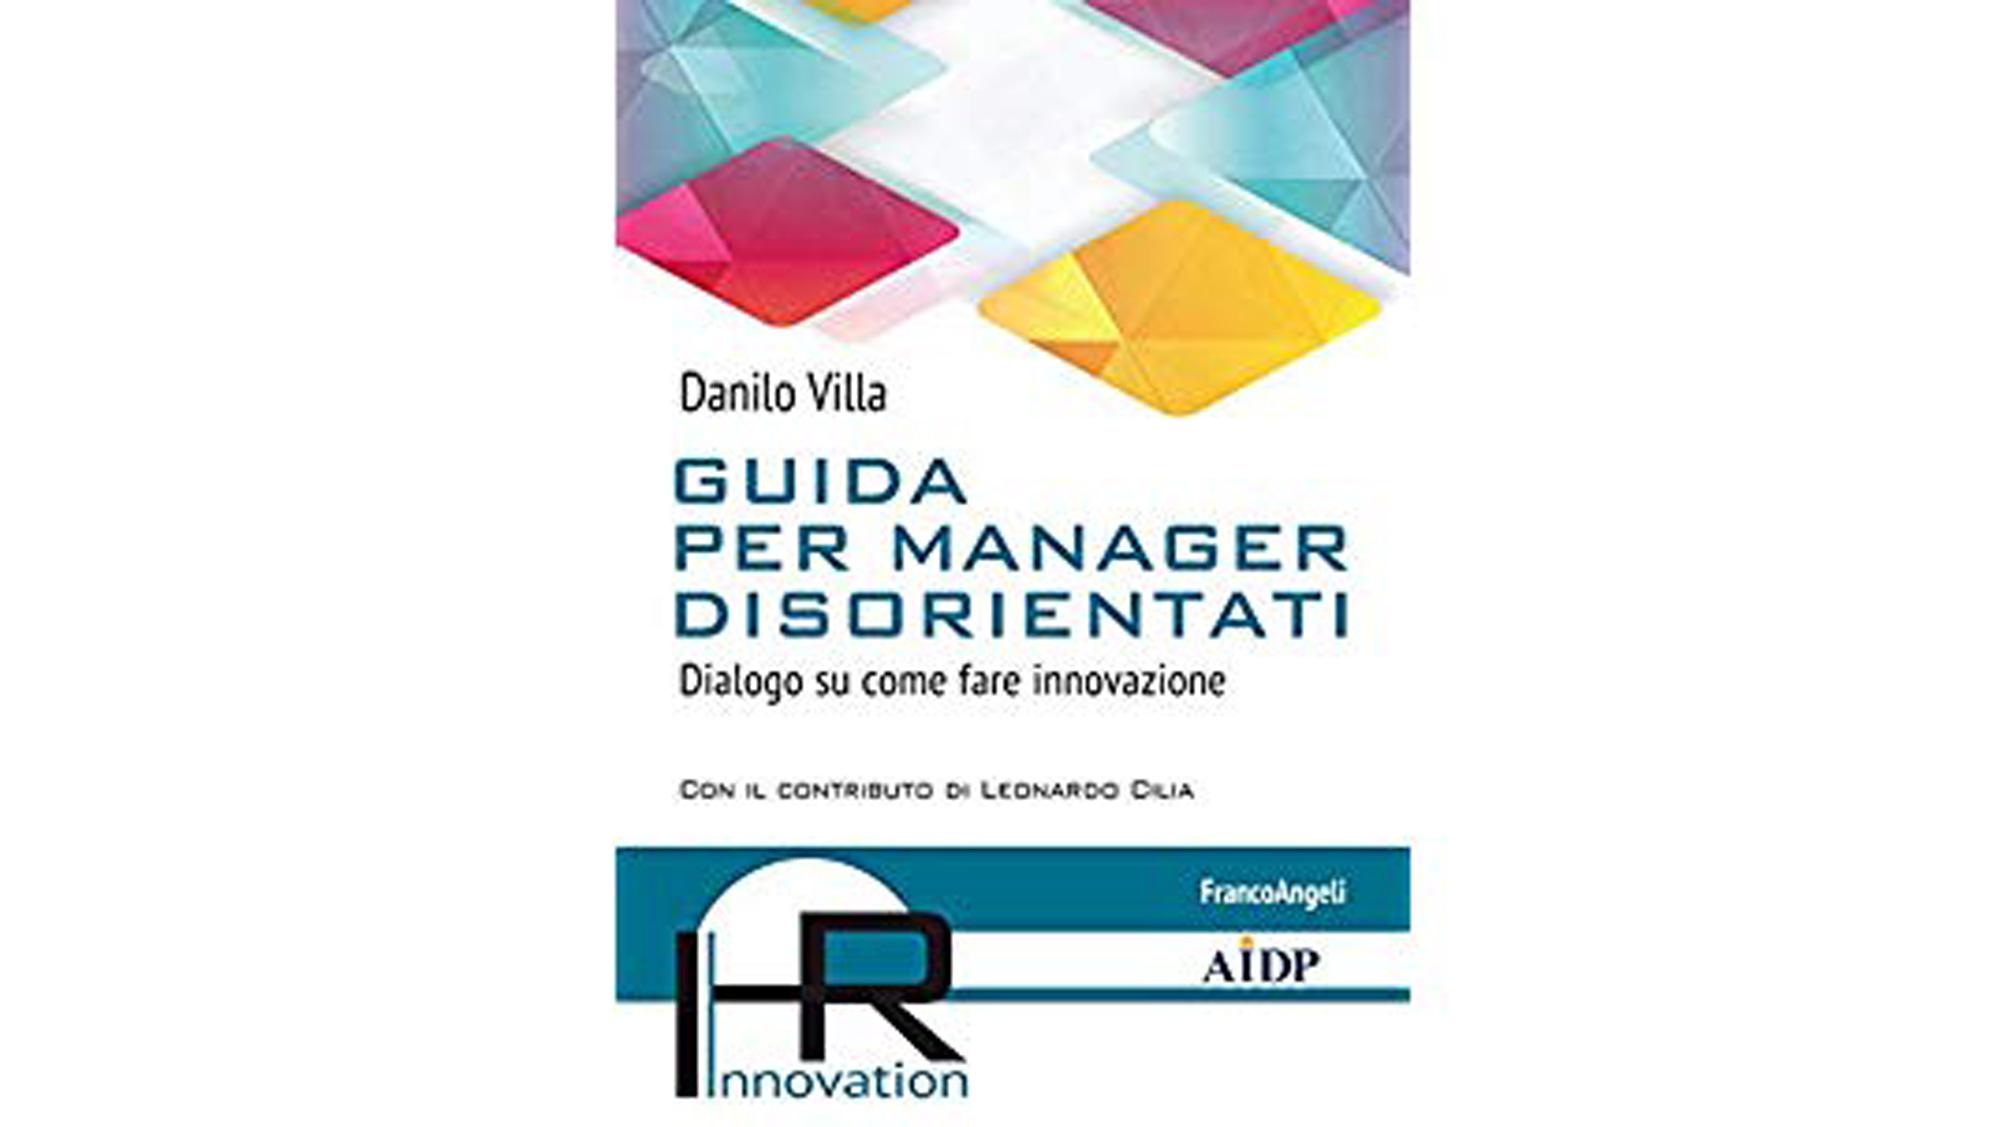 Guida per manager disorientati. Dialogo su come fare innovazione